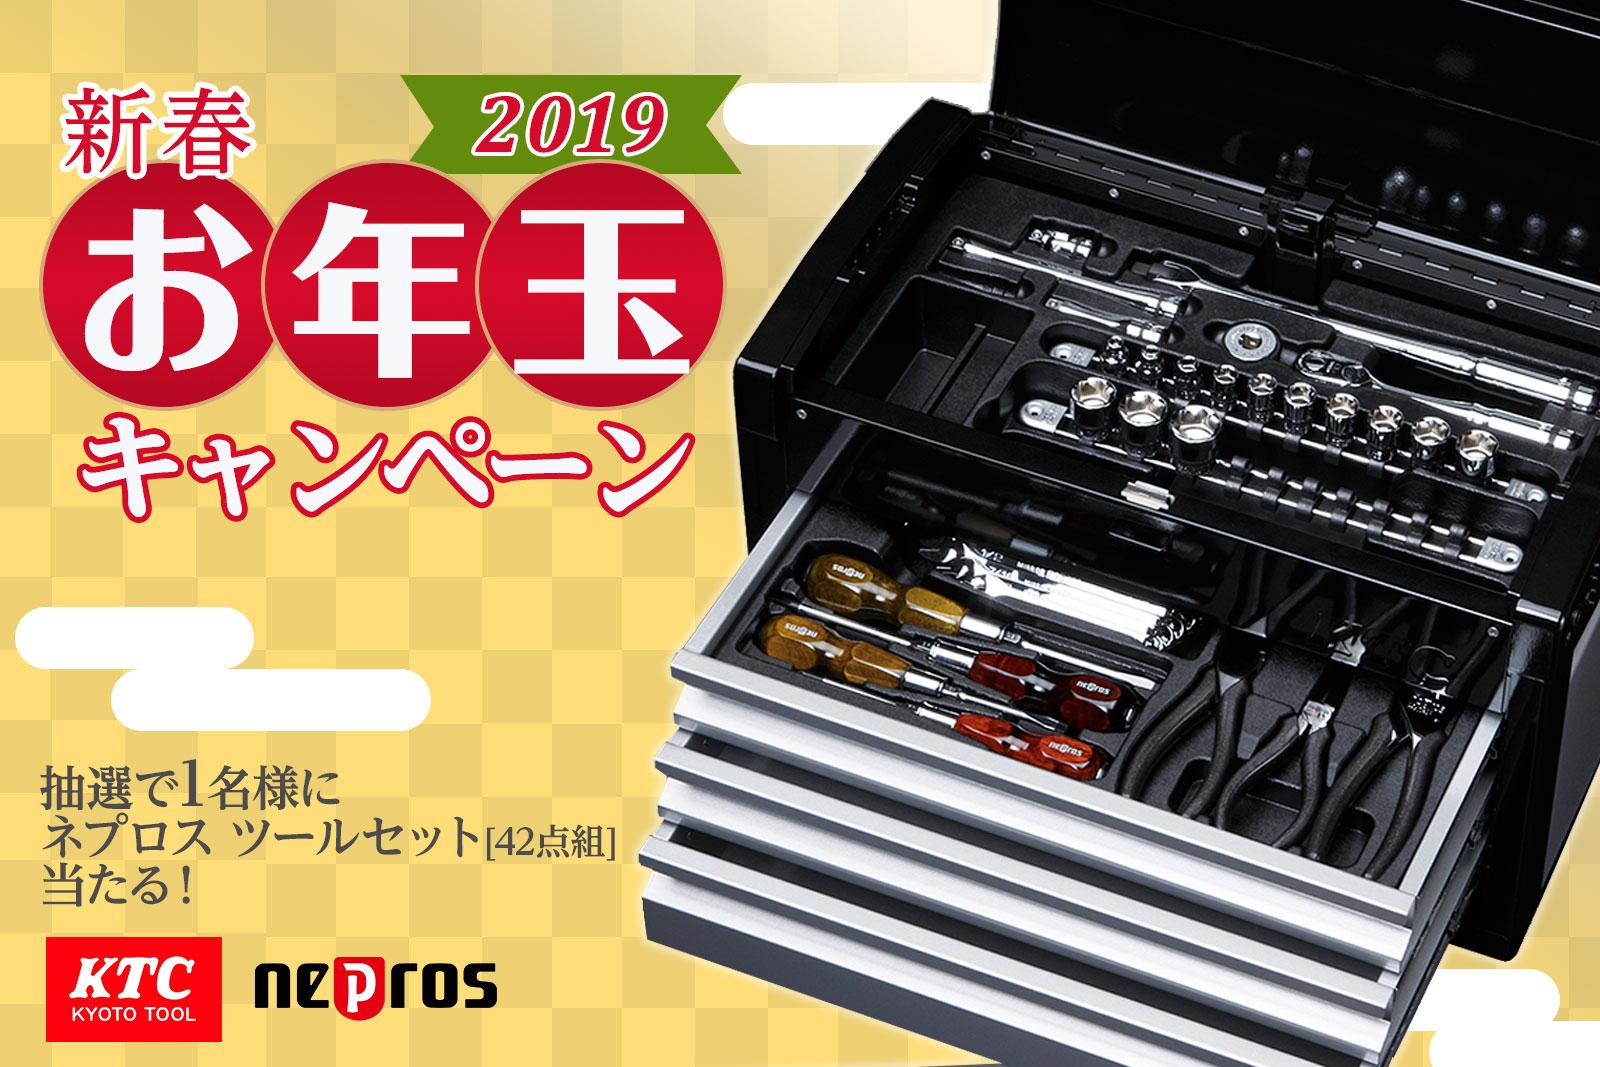 新春 お年玉キャンペーン2019